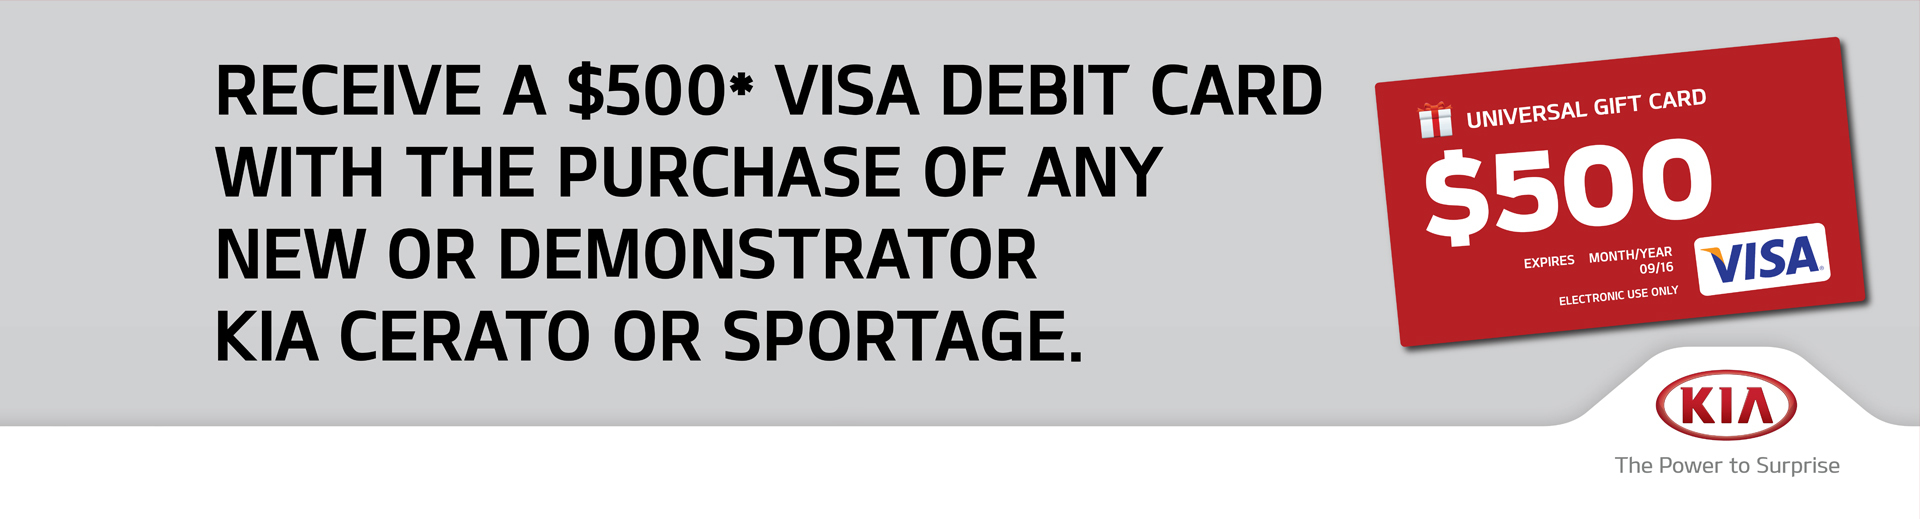 Kia Visa Debit Offer